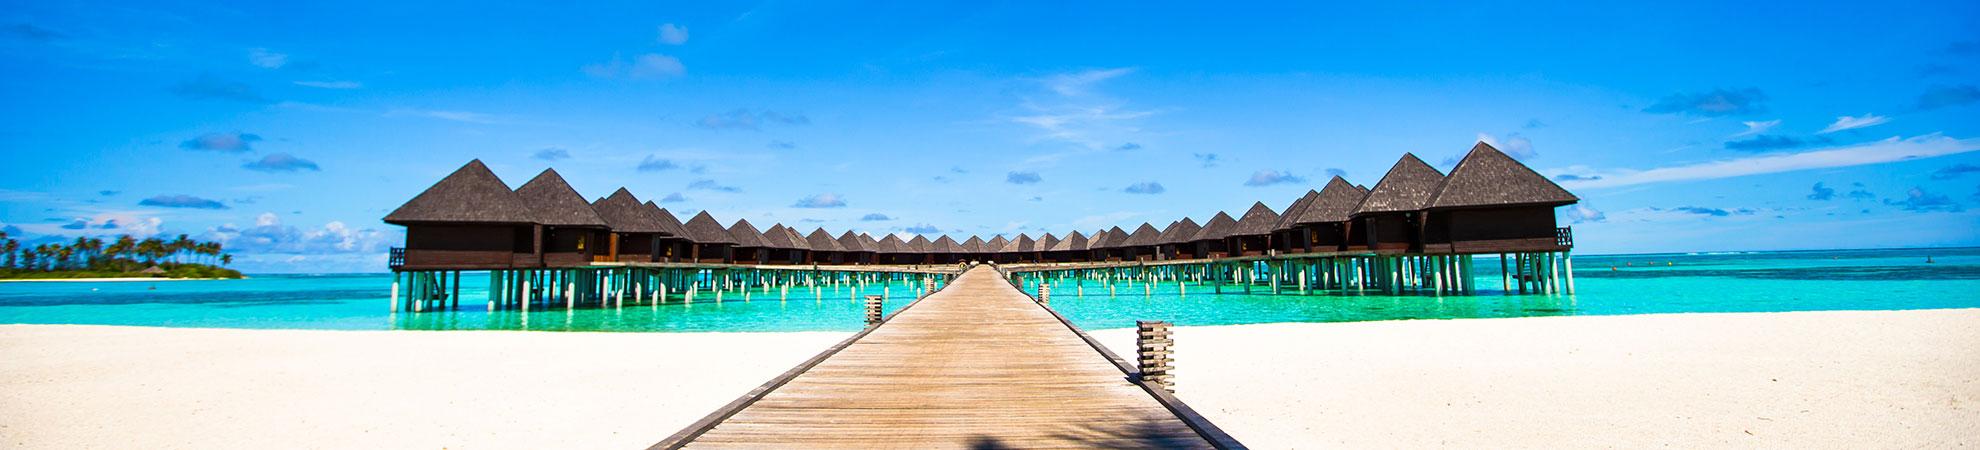 Hôtels sur pilotis aux Maldives